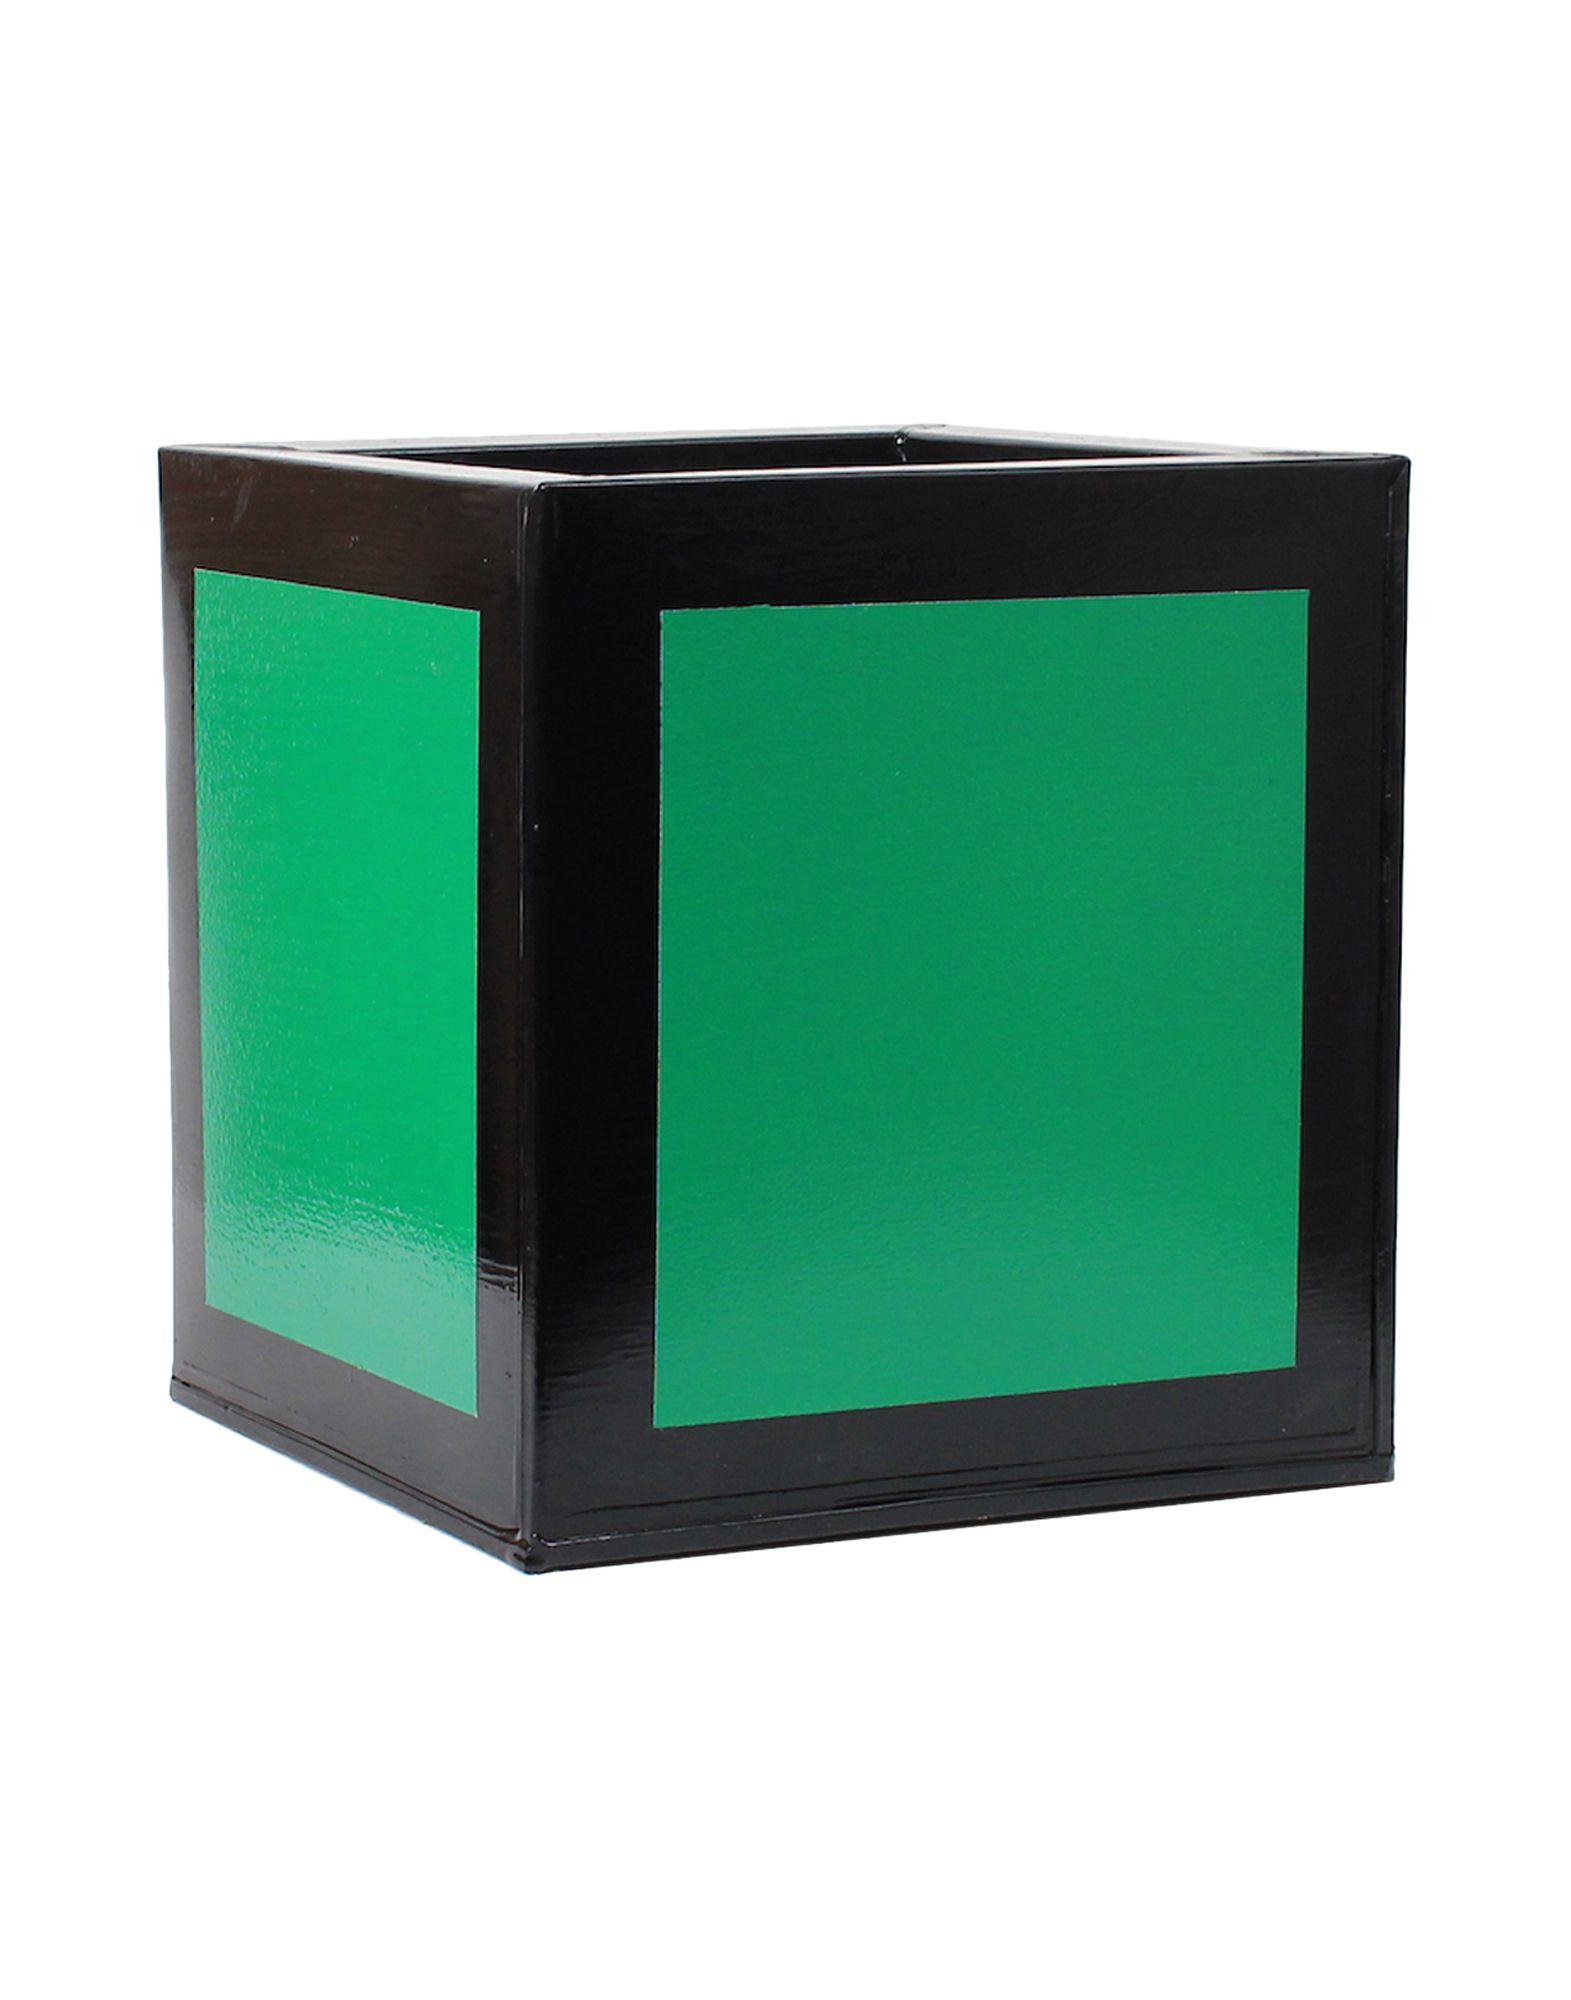 Darkroom darkroom complementi d 39 arredo vasi on for Vasi complementi d arredo